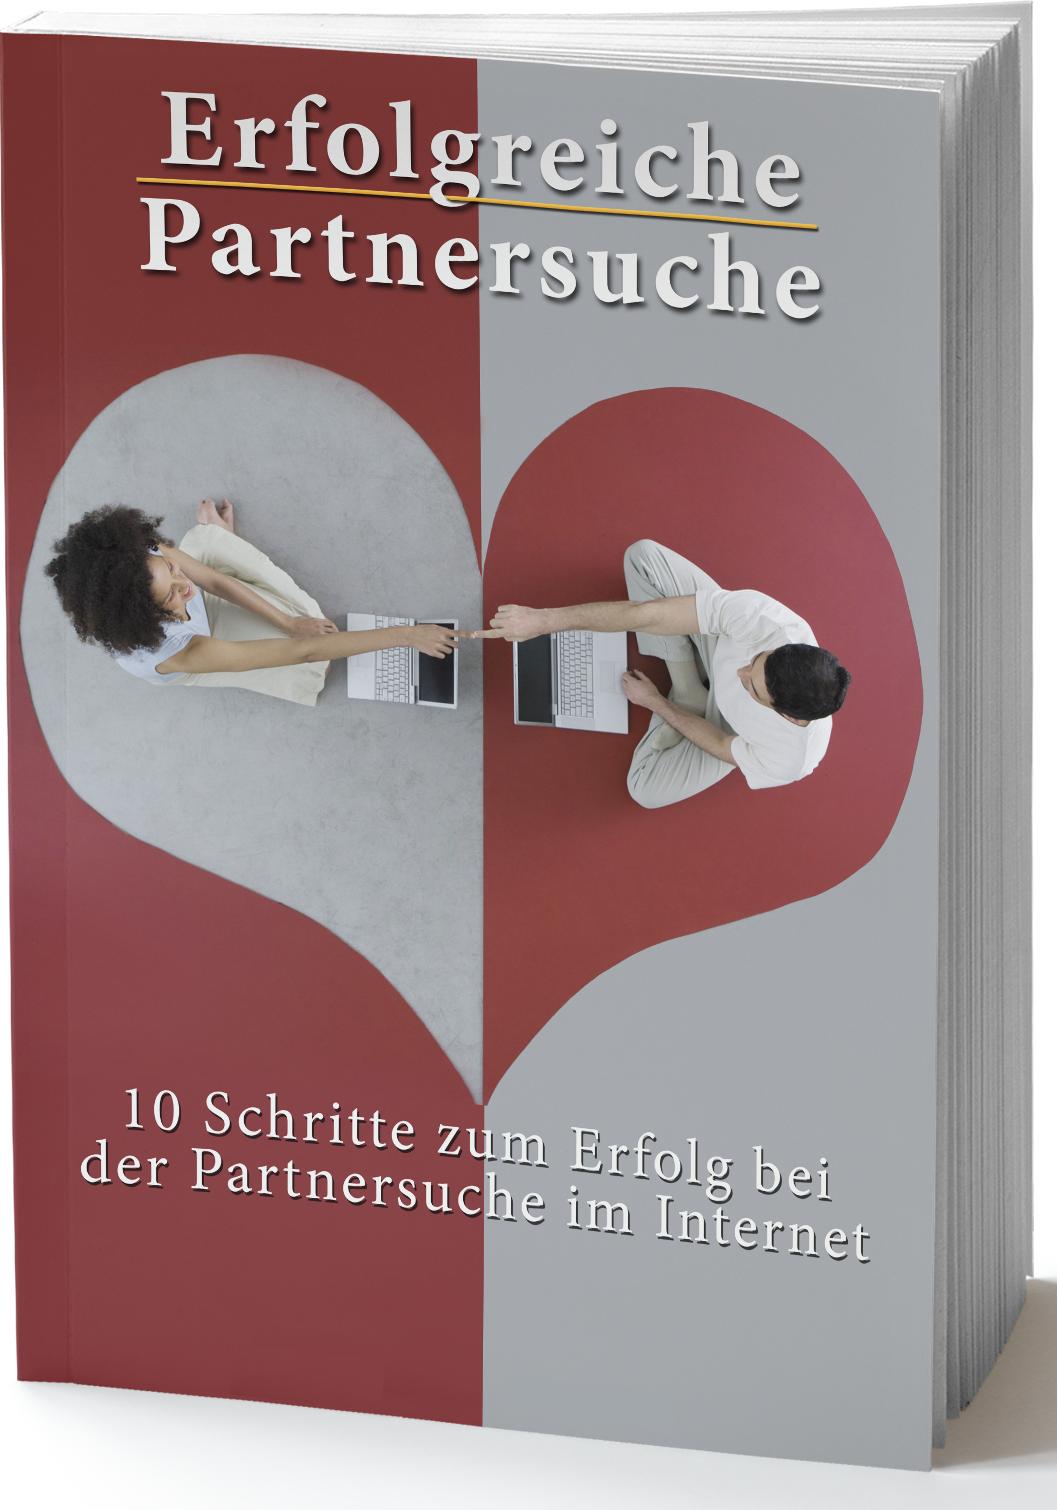 Sicherheitstipps für Online-Dating